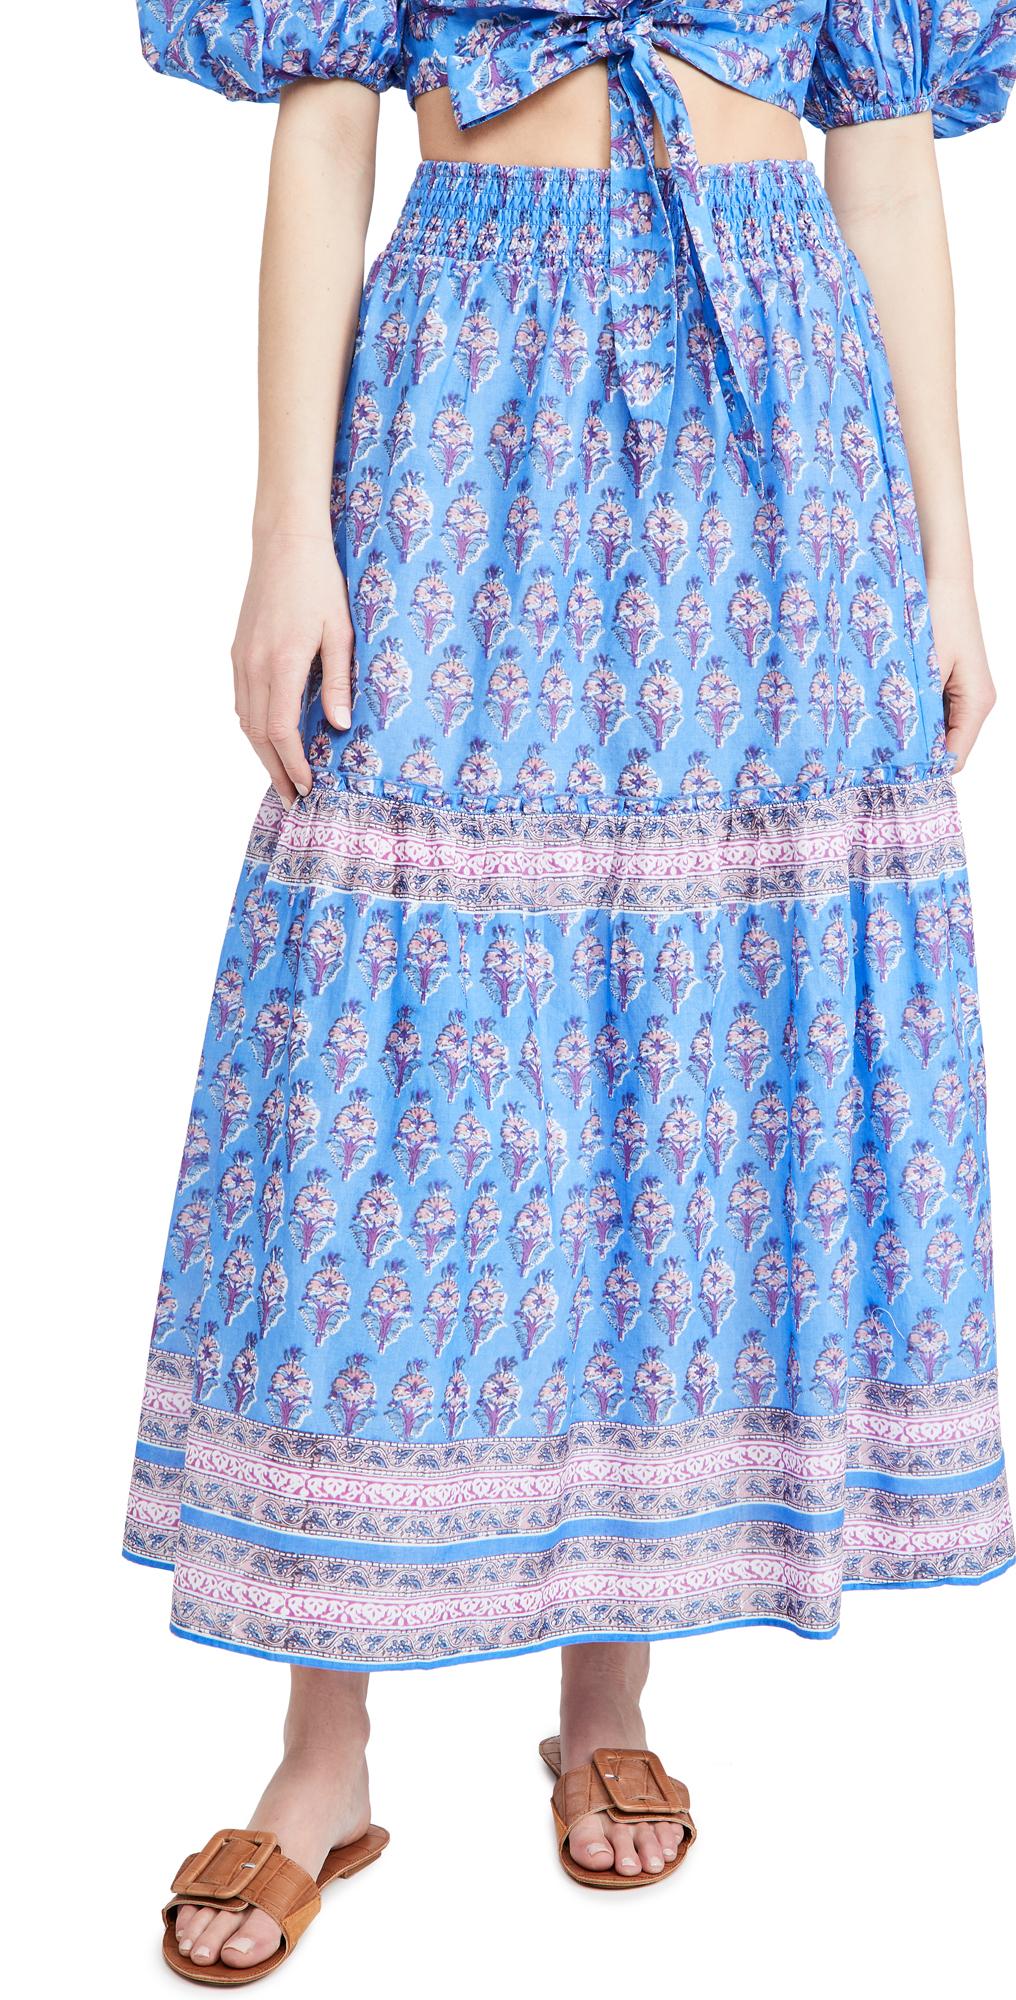 Playa Lucila Border Print Skirt